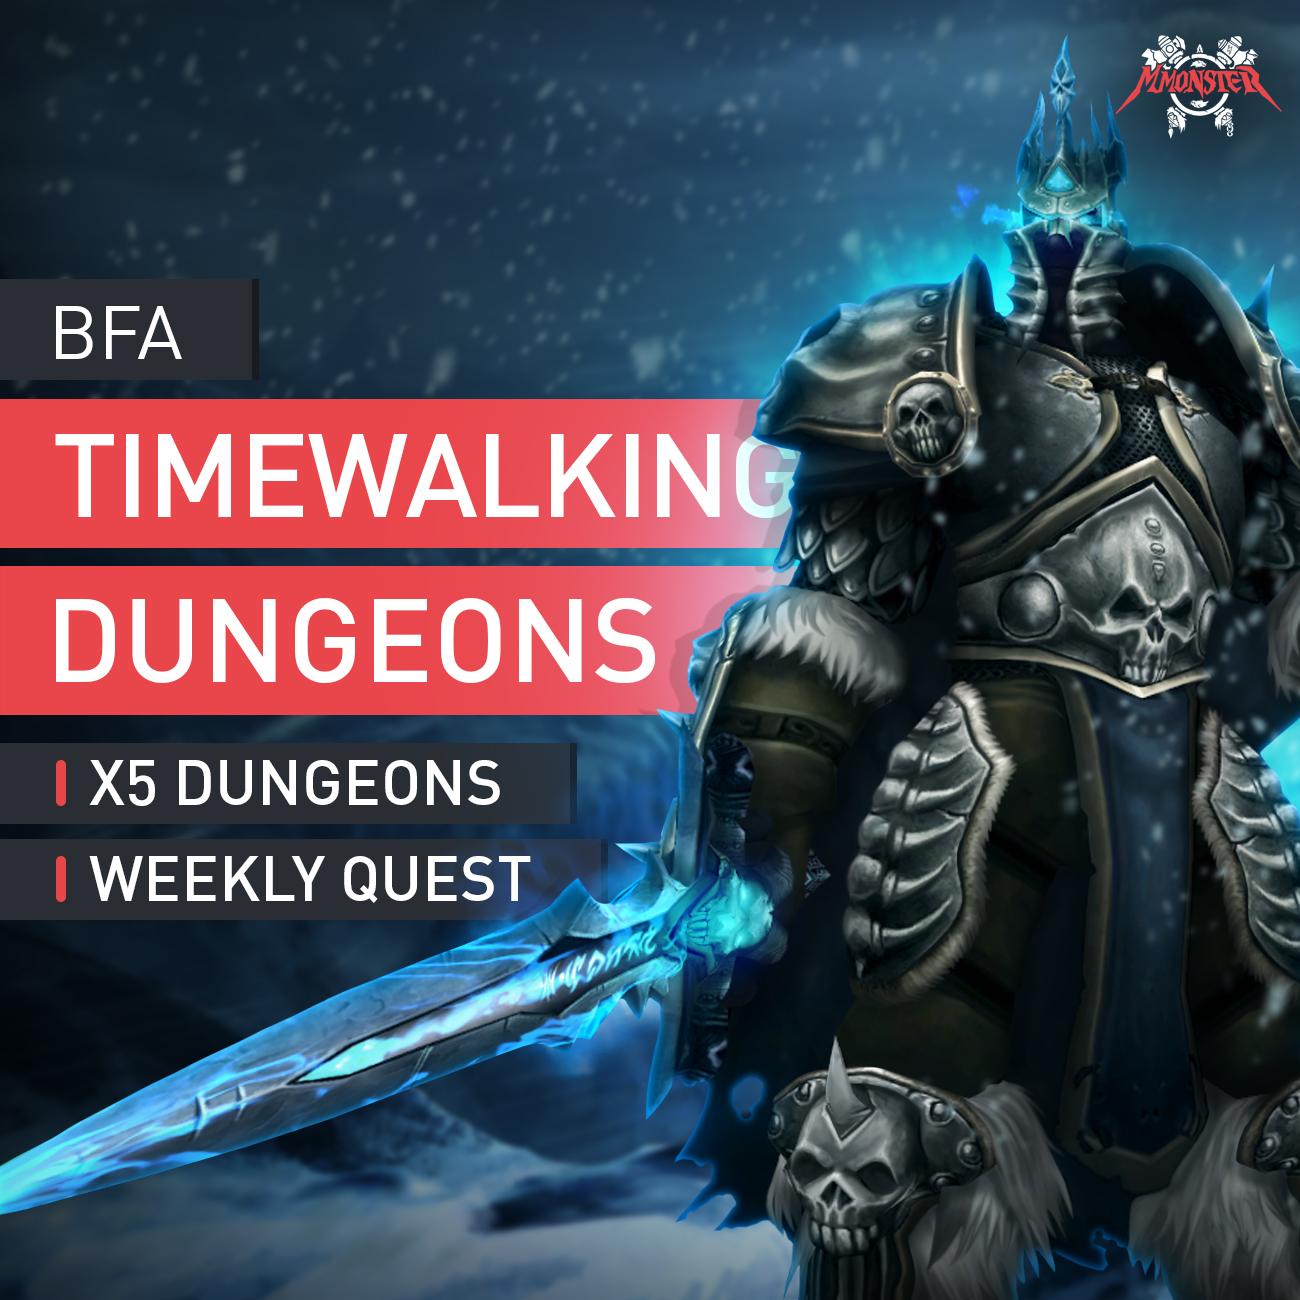 Timewalking Dungeons Run